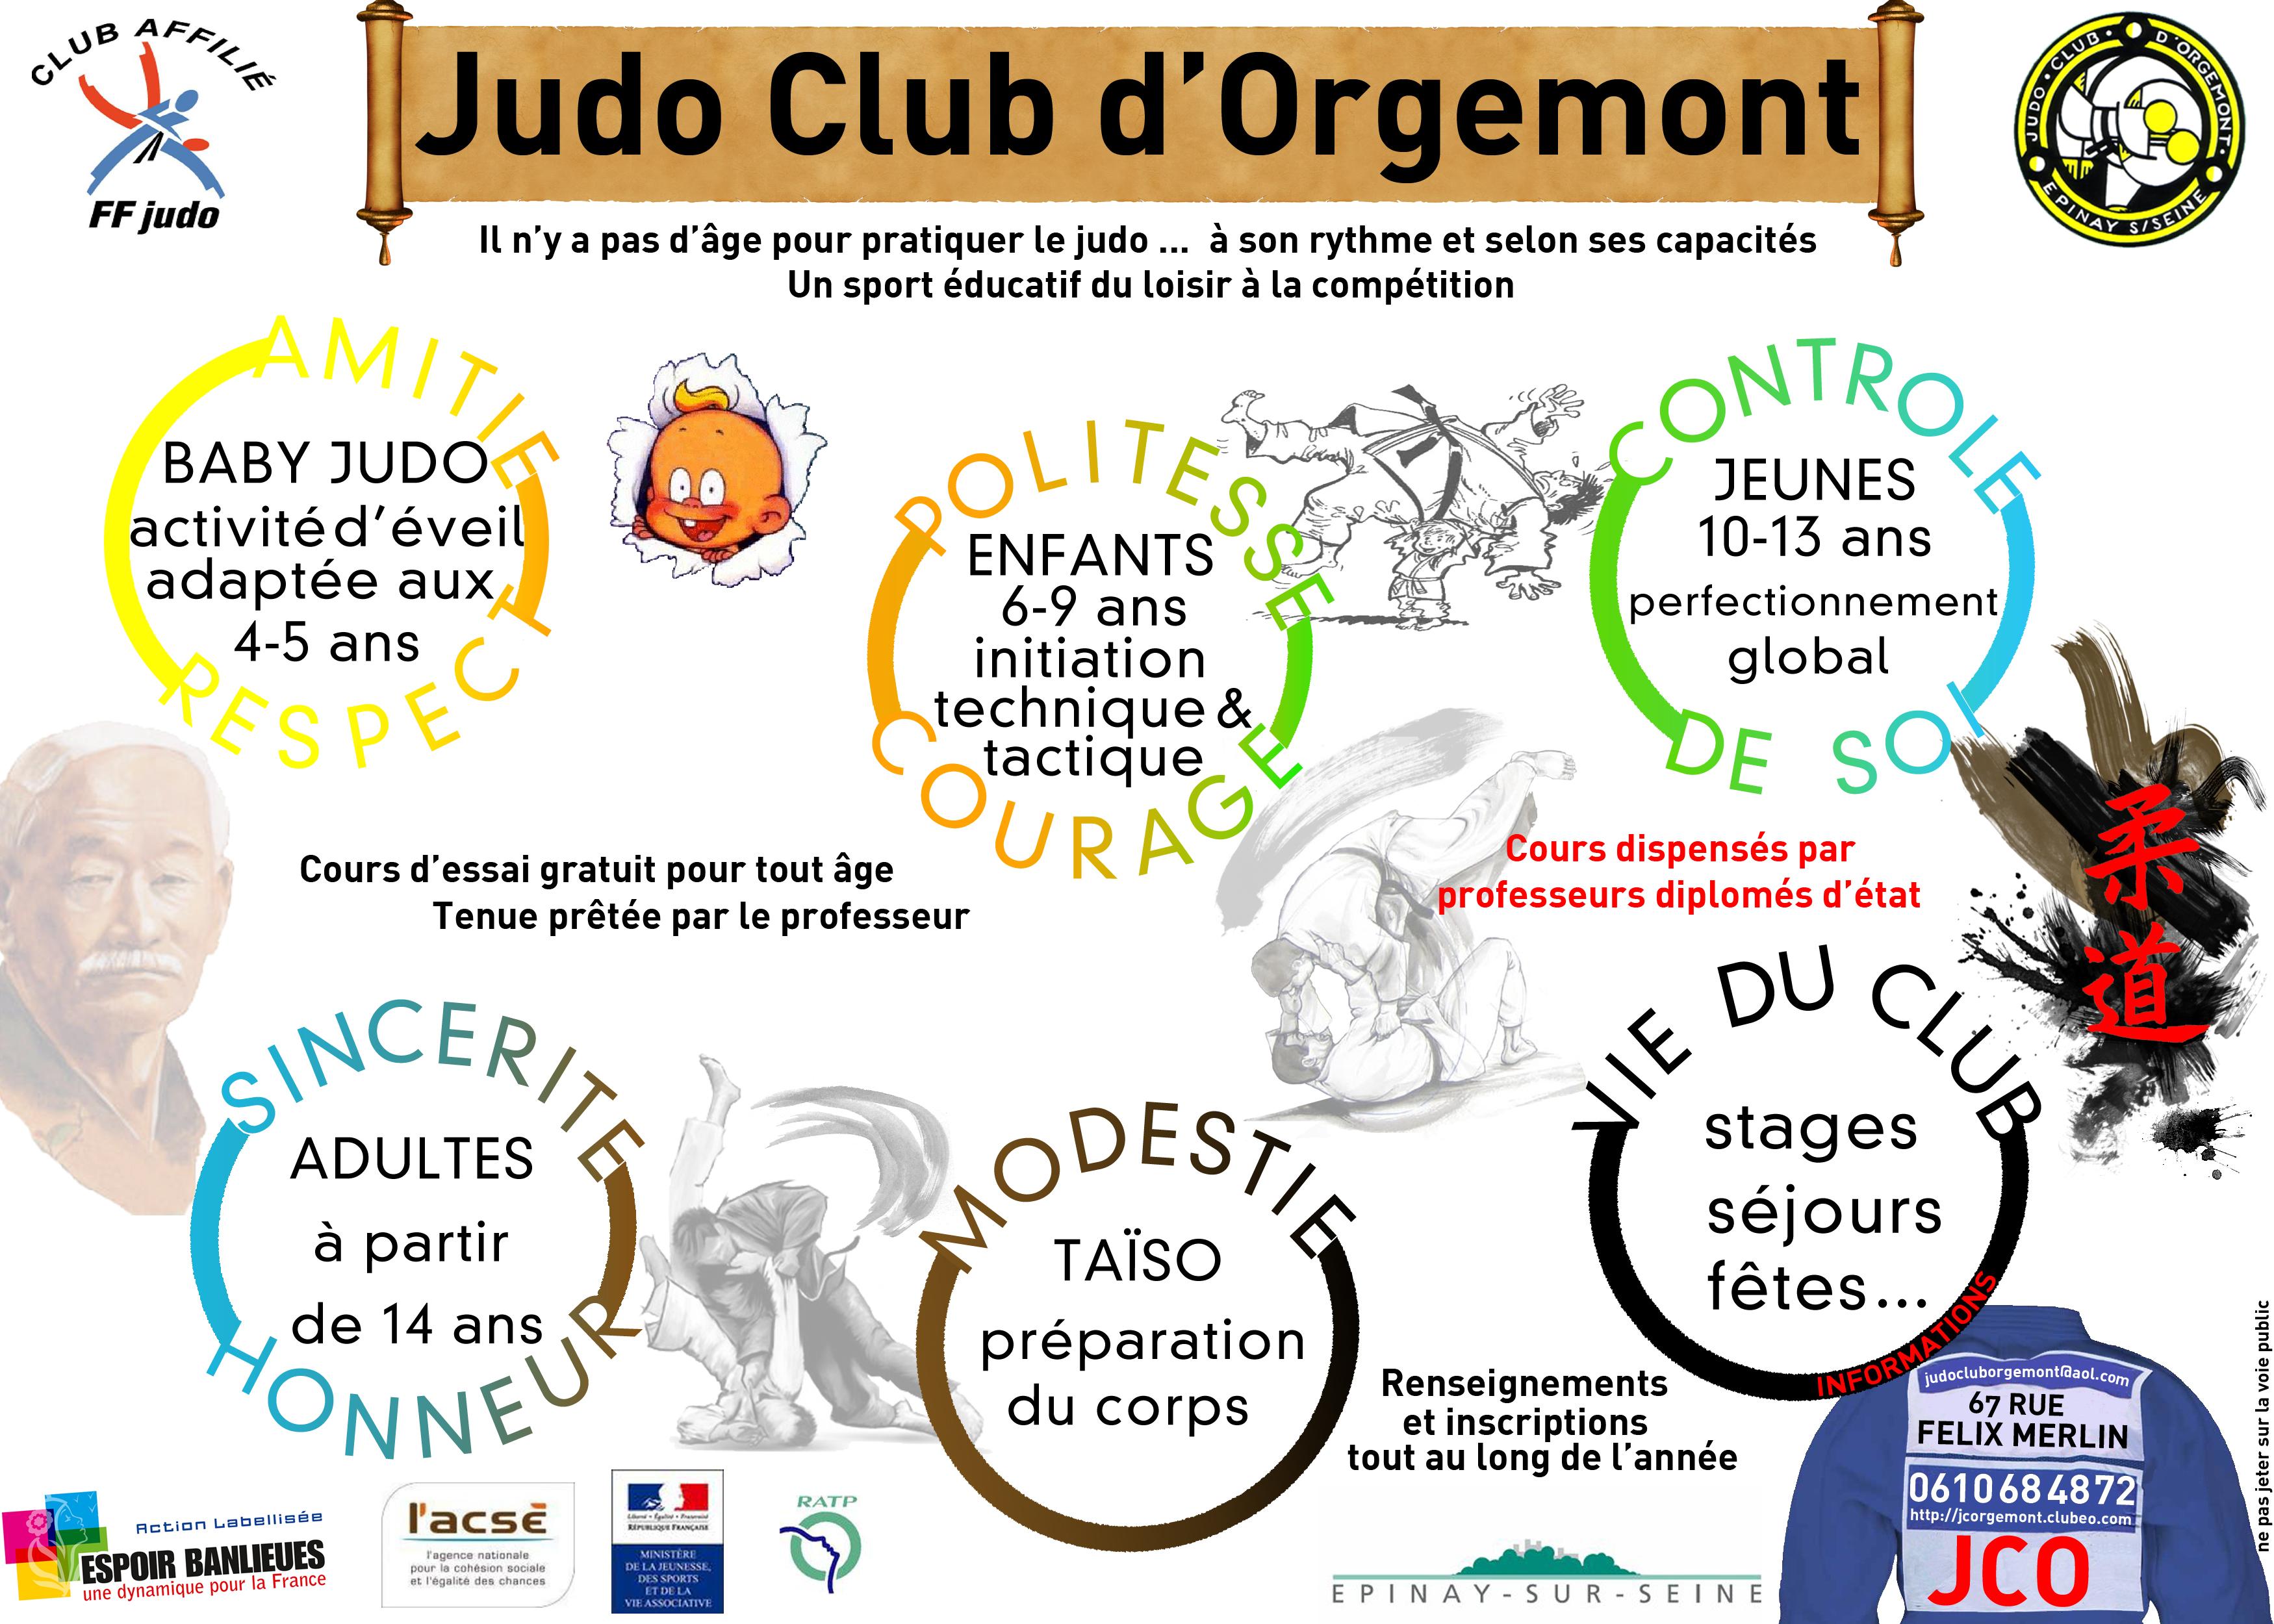 infos JCO